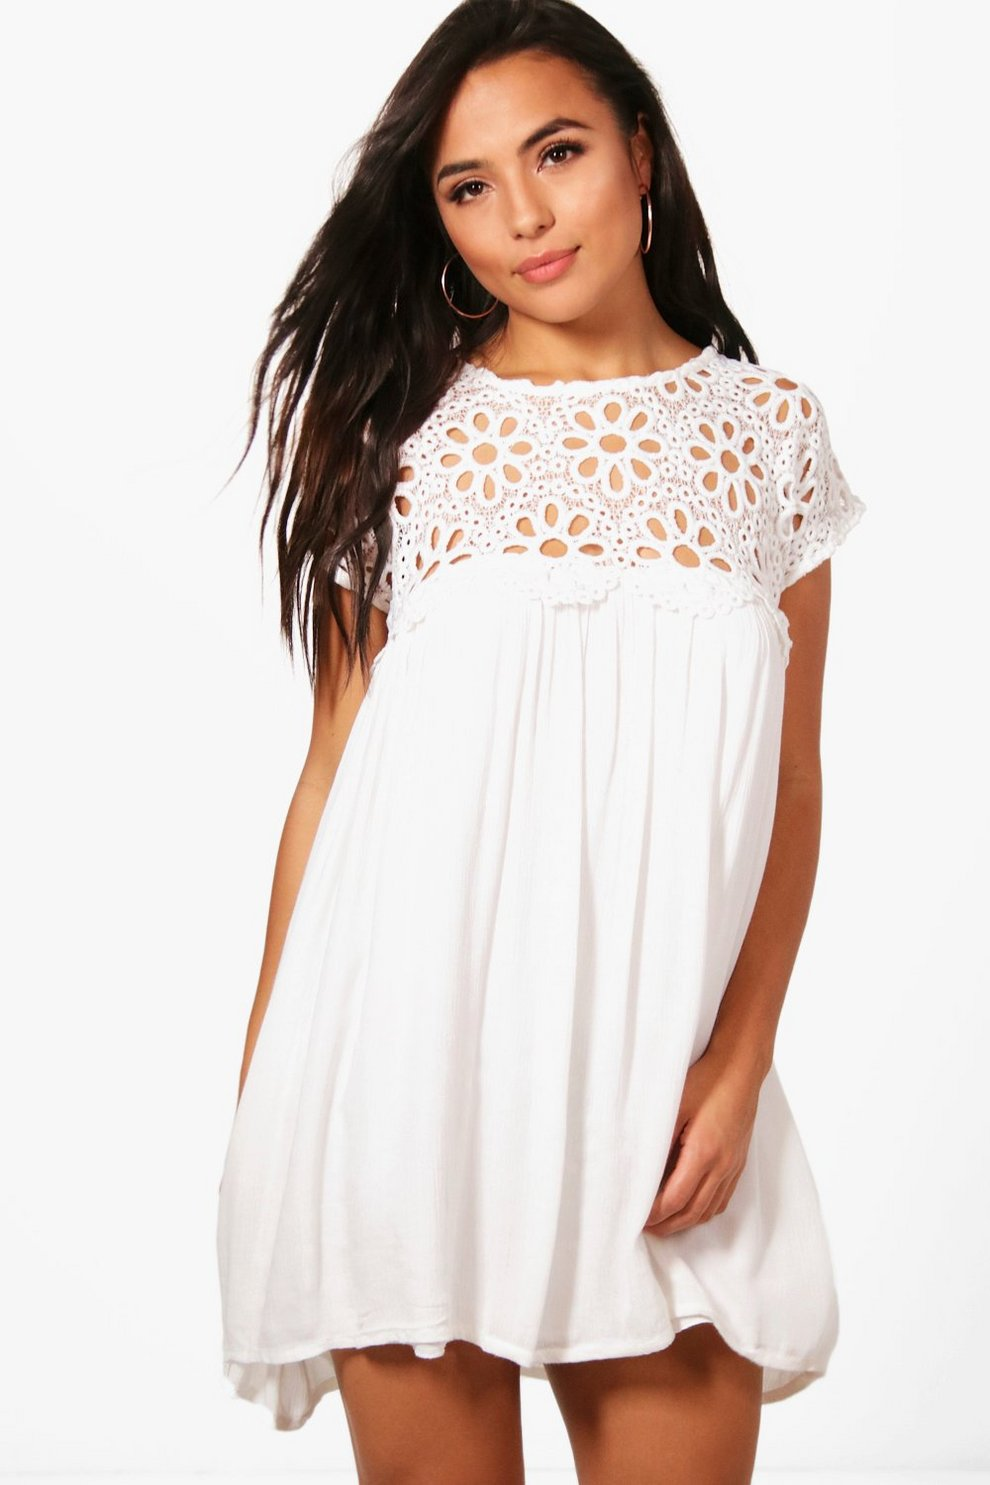 763d35ad5fa8 Petite Boutique Crochet Lace Top Shift Dress | Boohoo